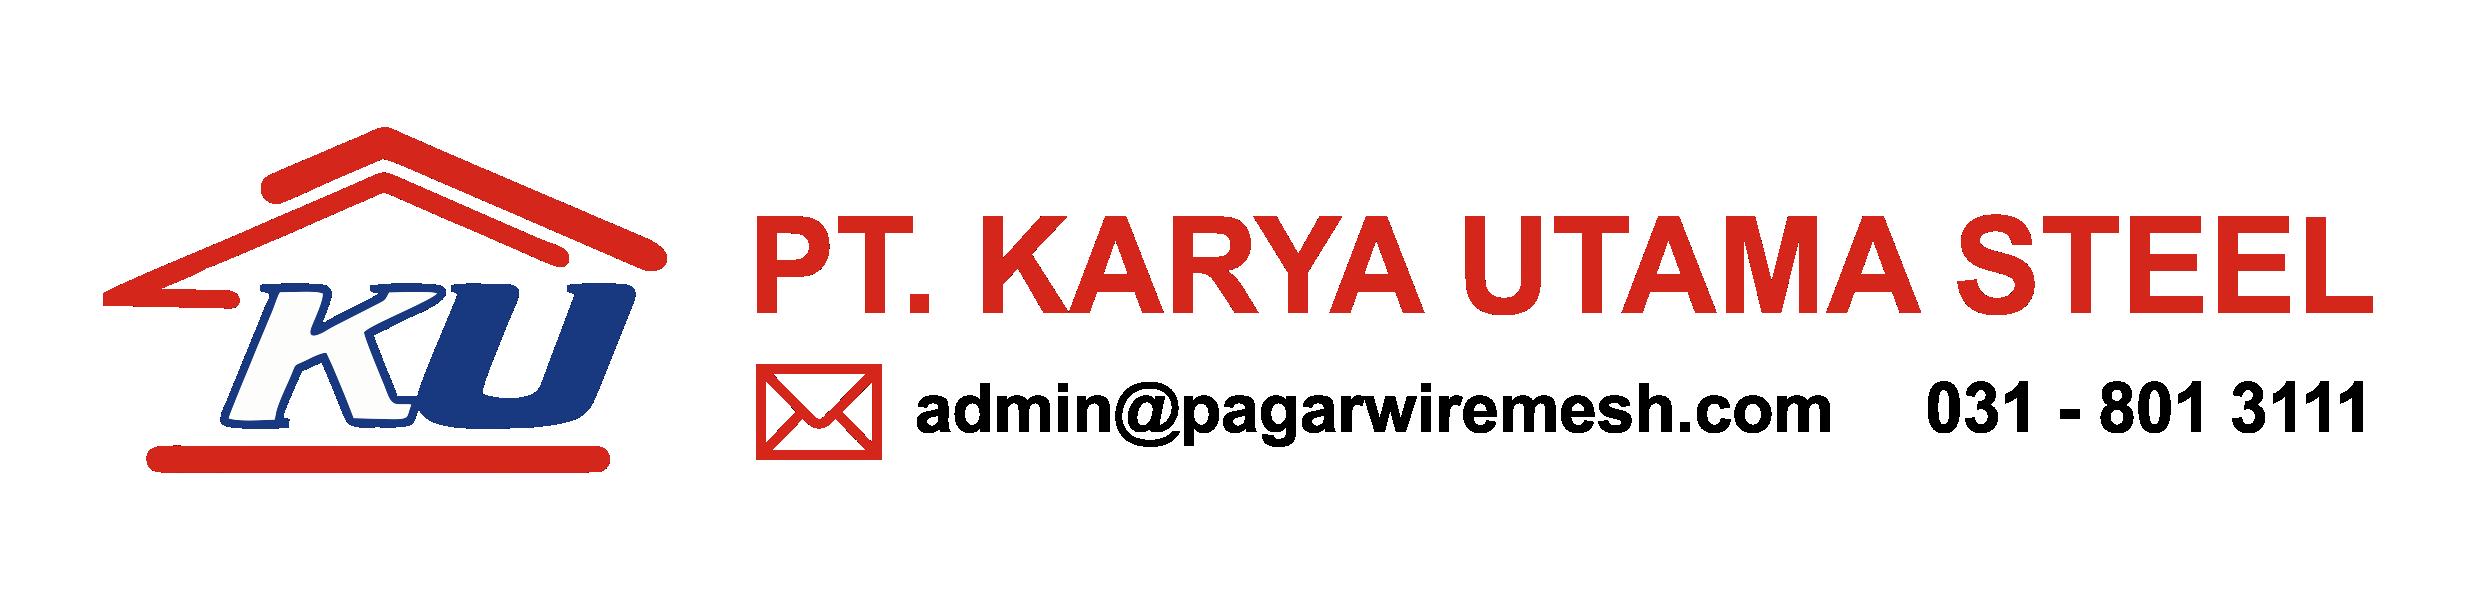 √ Wiremesh Indonesia - Pagar Wiremesh Bandara - Pagar Bandara